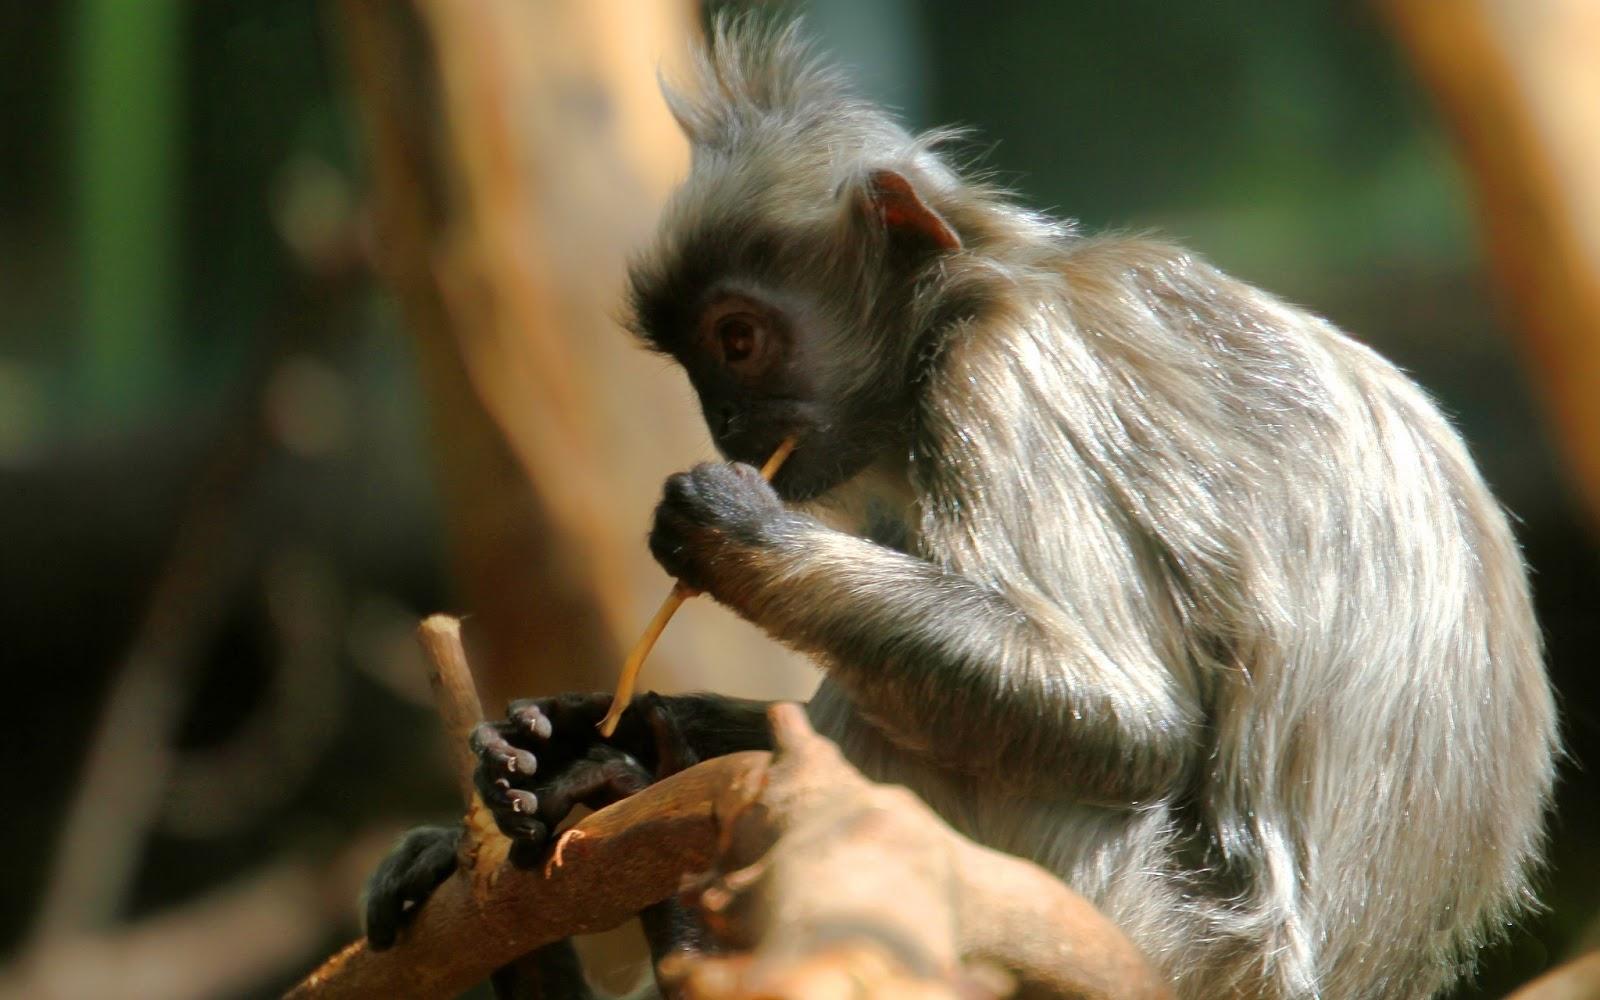 monkey indian monkey funny spiderman monkey hd images